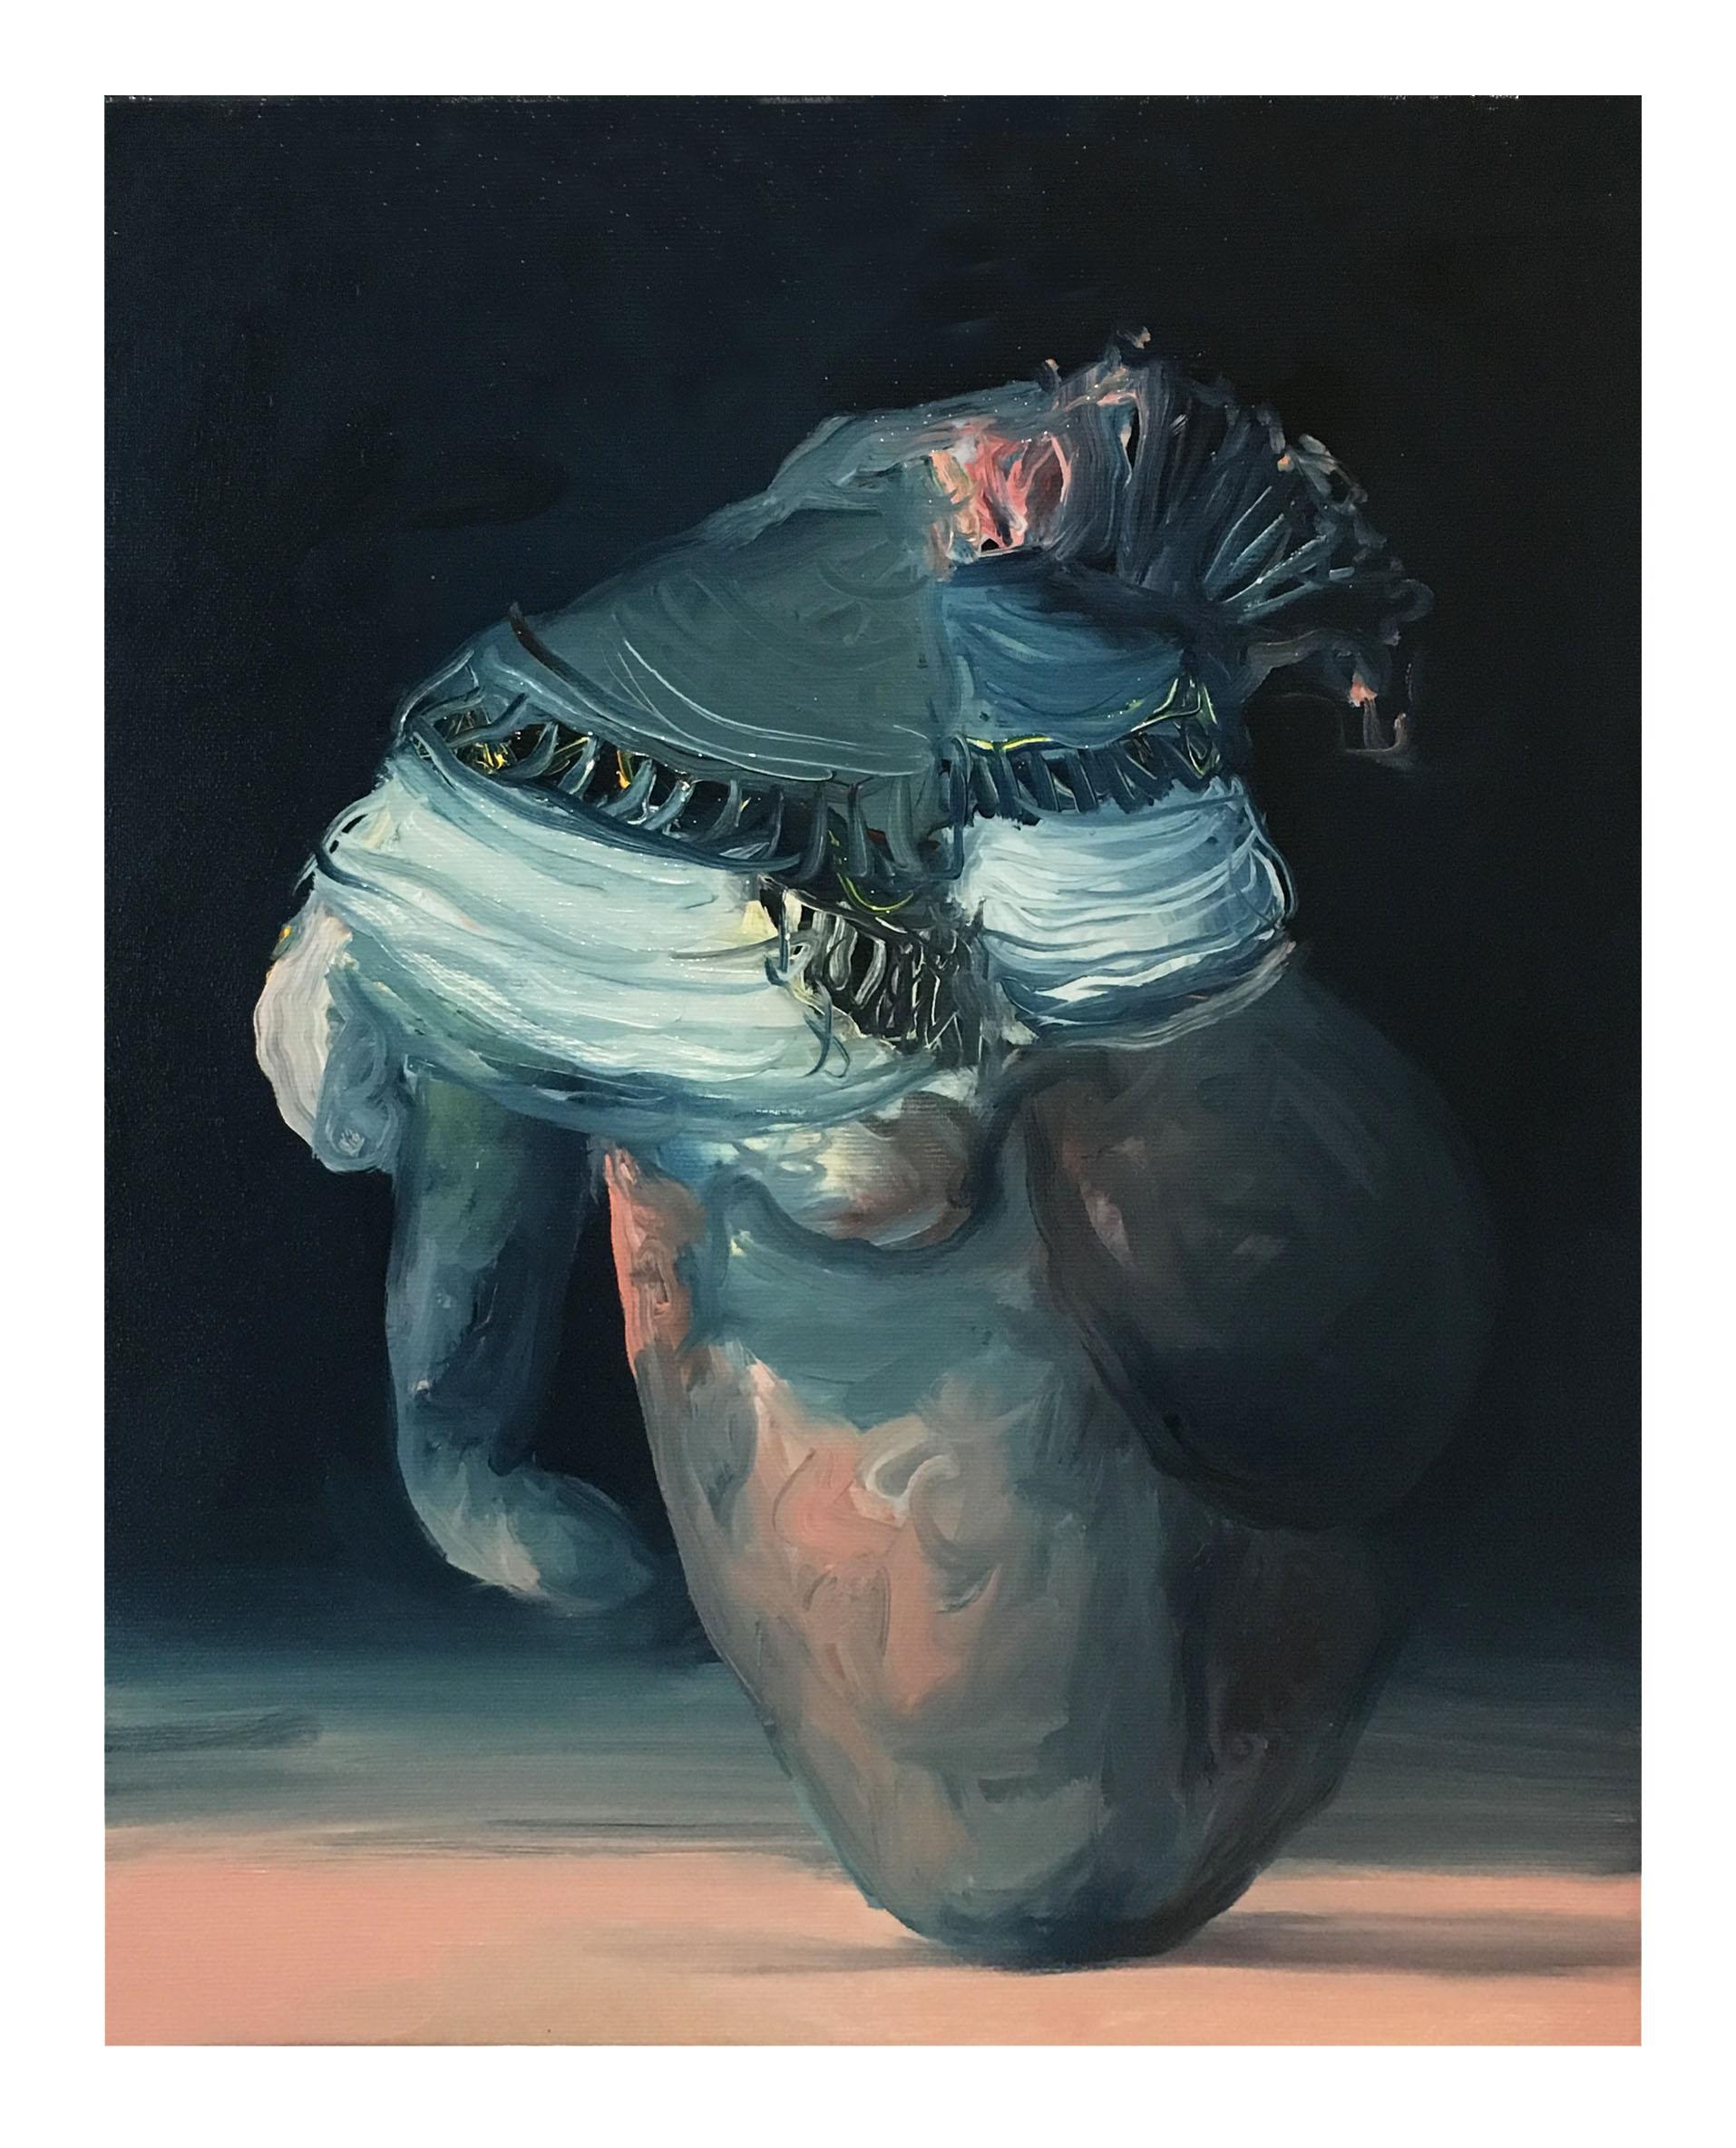 Óleo sobre lienzo, 41 x 33 cm.